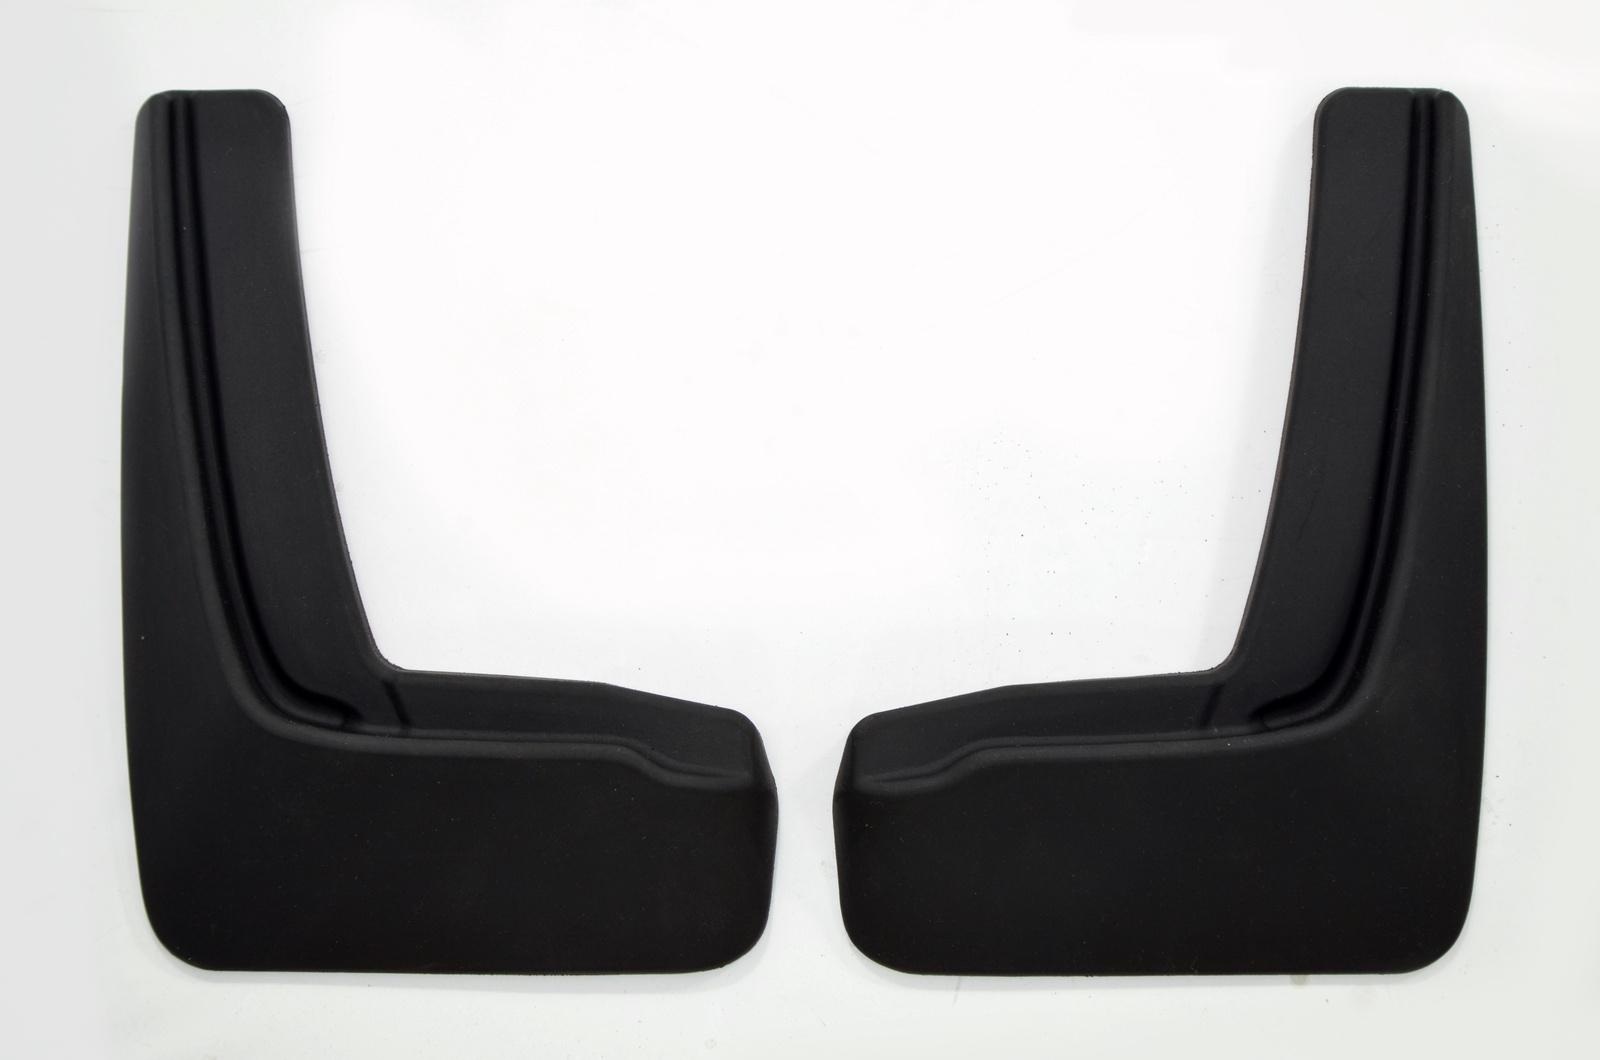 Брызговики резиновые для KIA Rio (2015-2017) Задние брызговики передние и задние kia для kia cerato 2018 2019